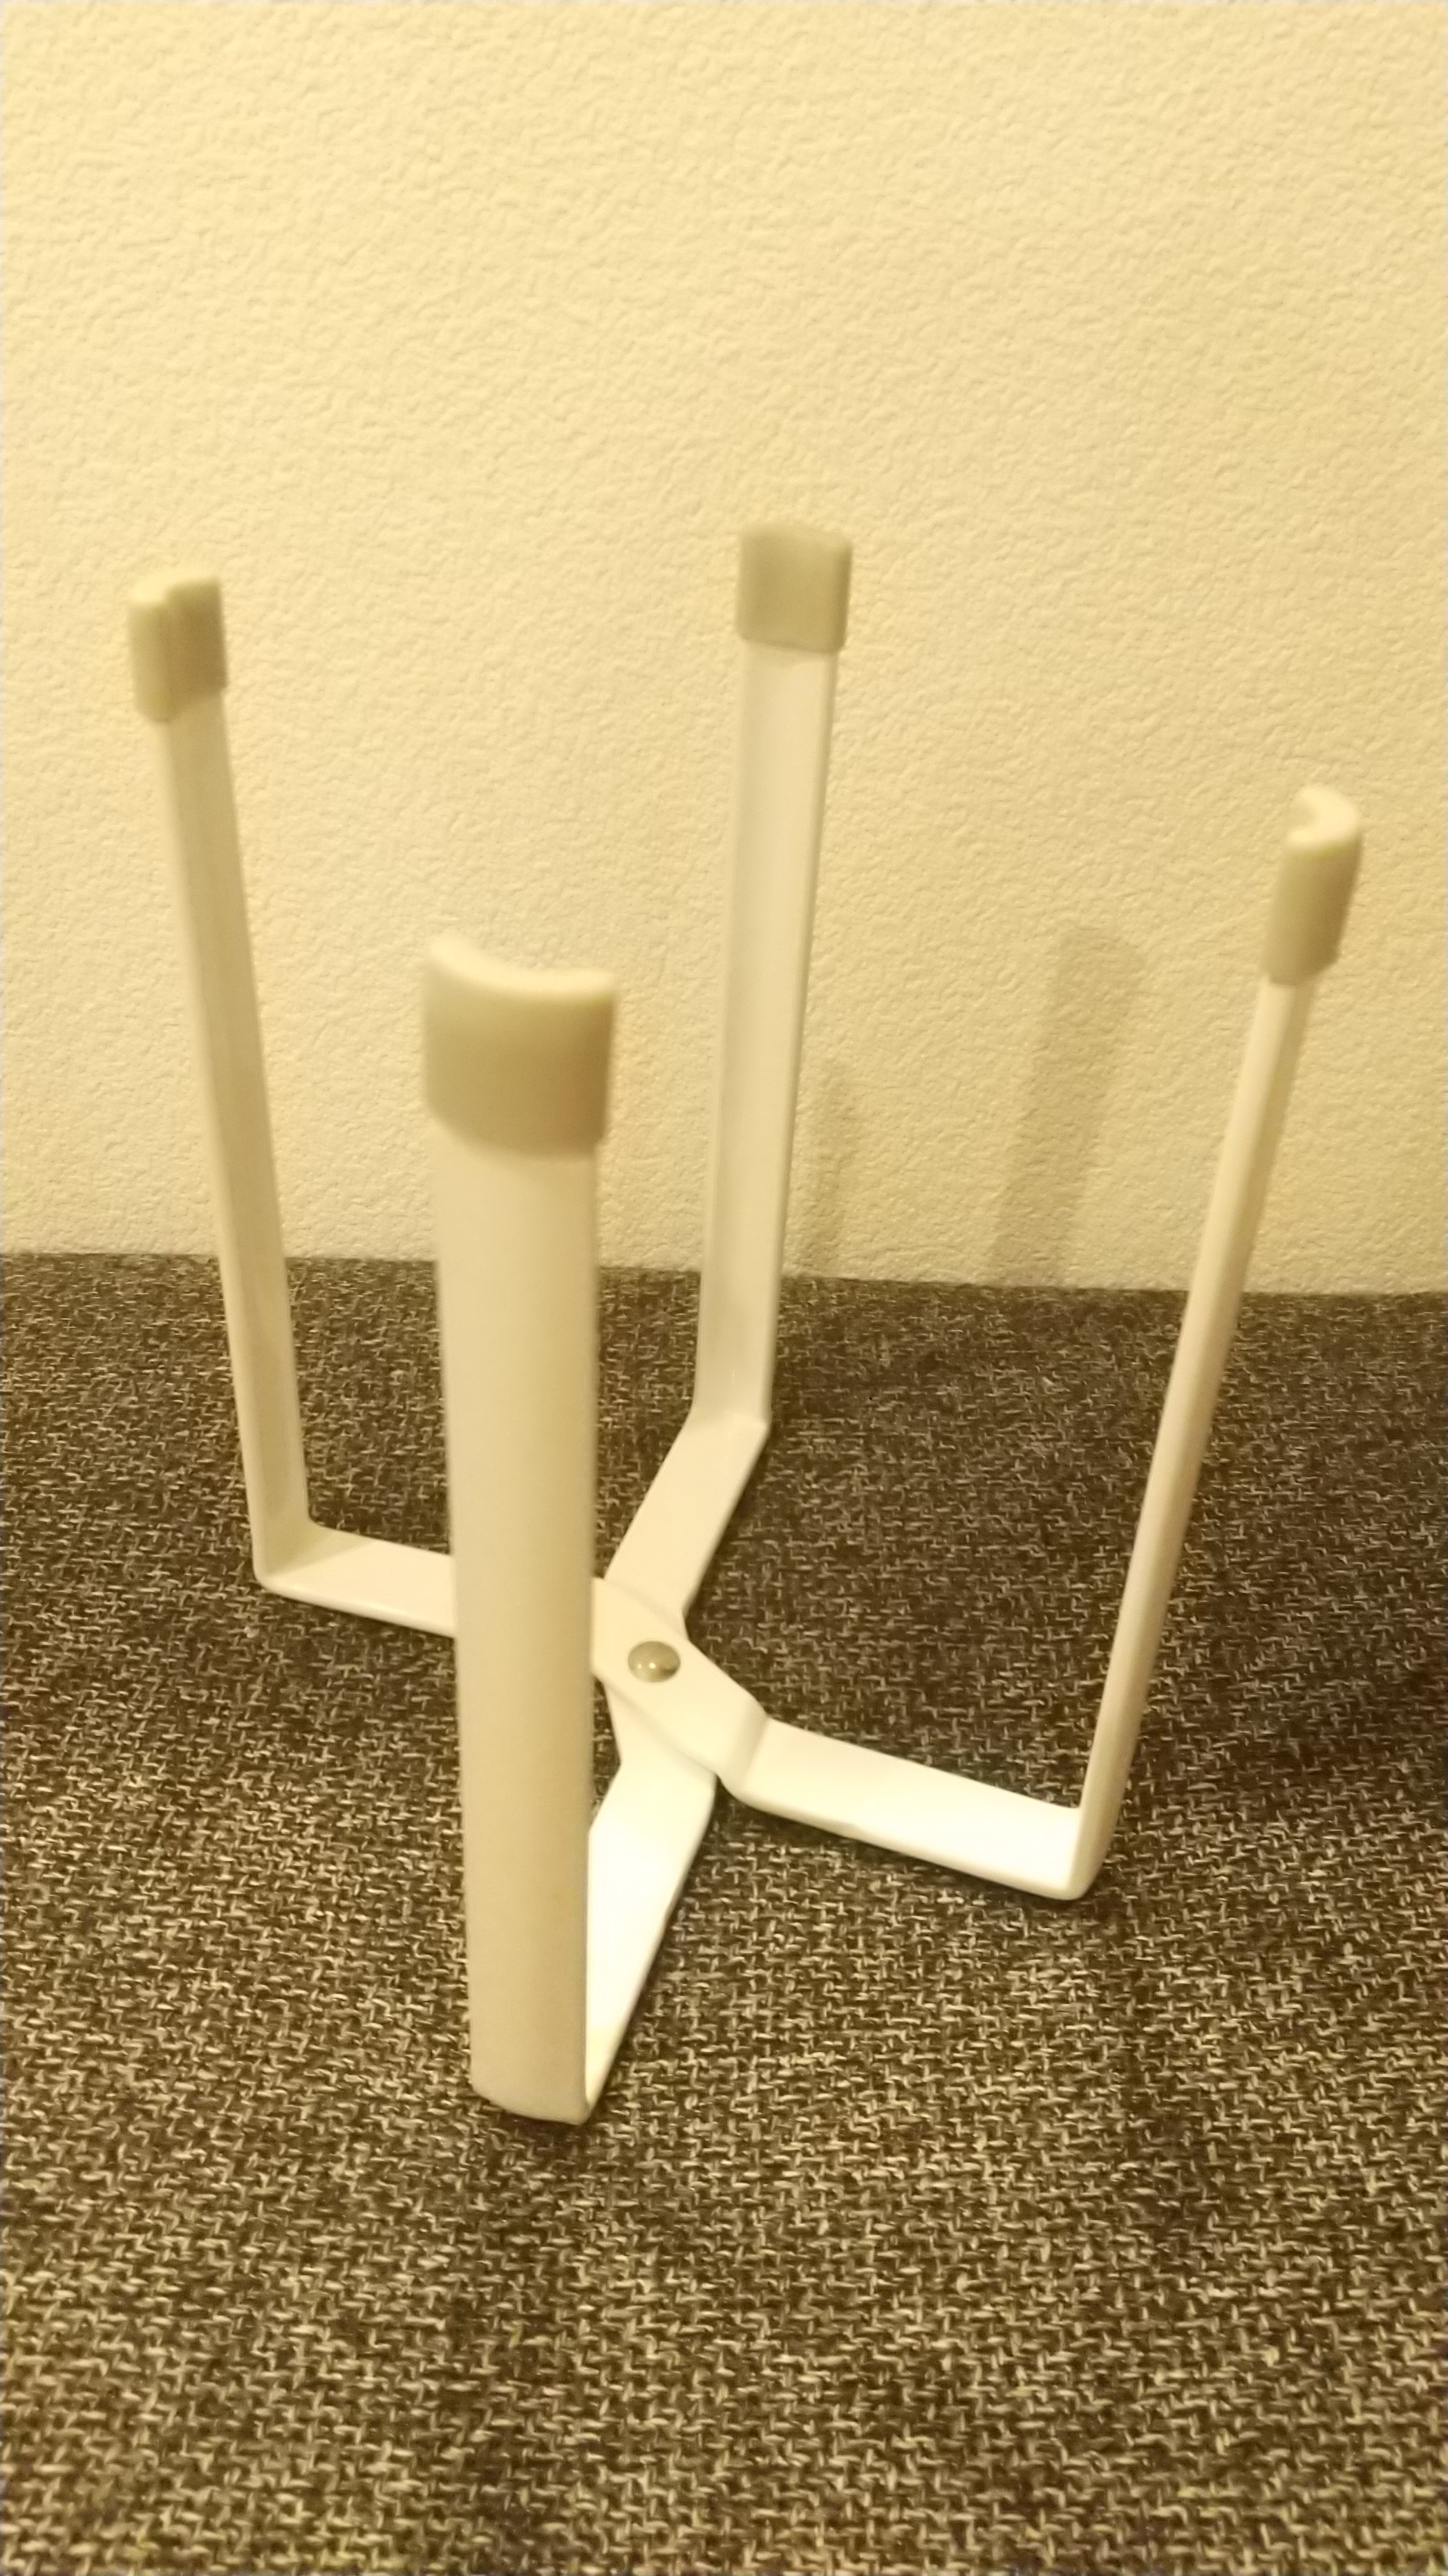 山崎実業(Yamazaki) ポリ袋エコホルダー タワーの良い点・メリットに関するSHiHOさんの口コミ画像1